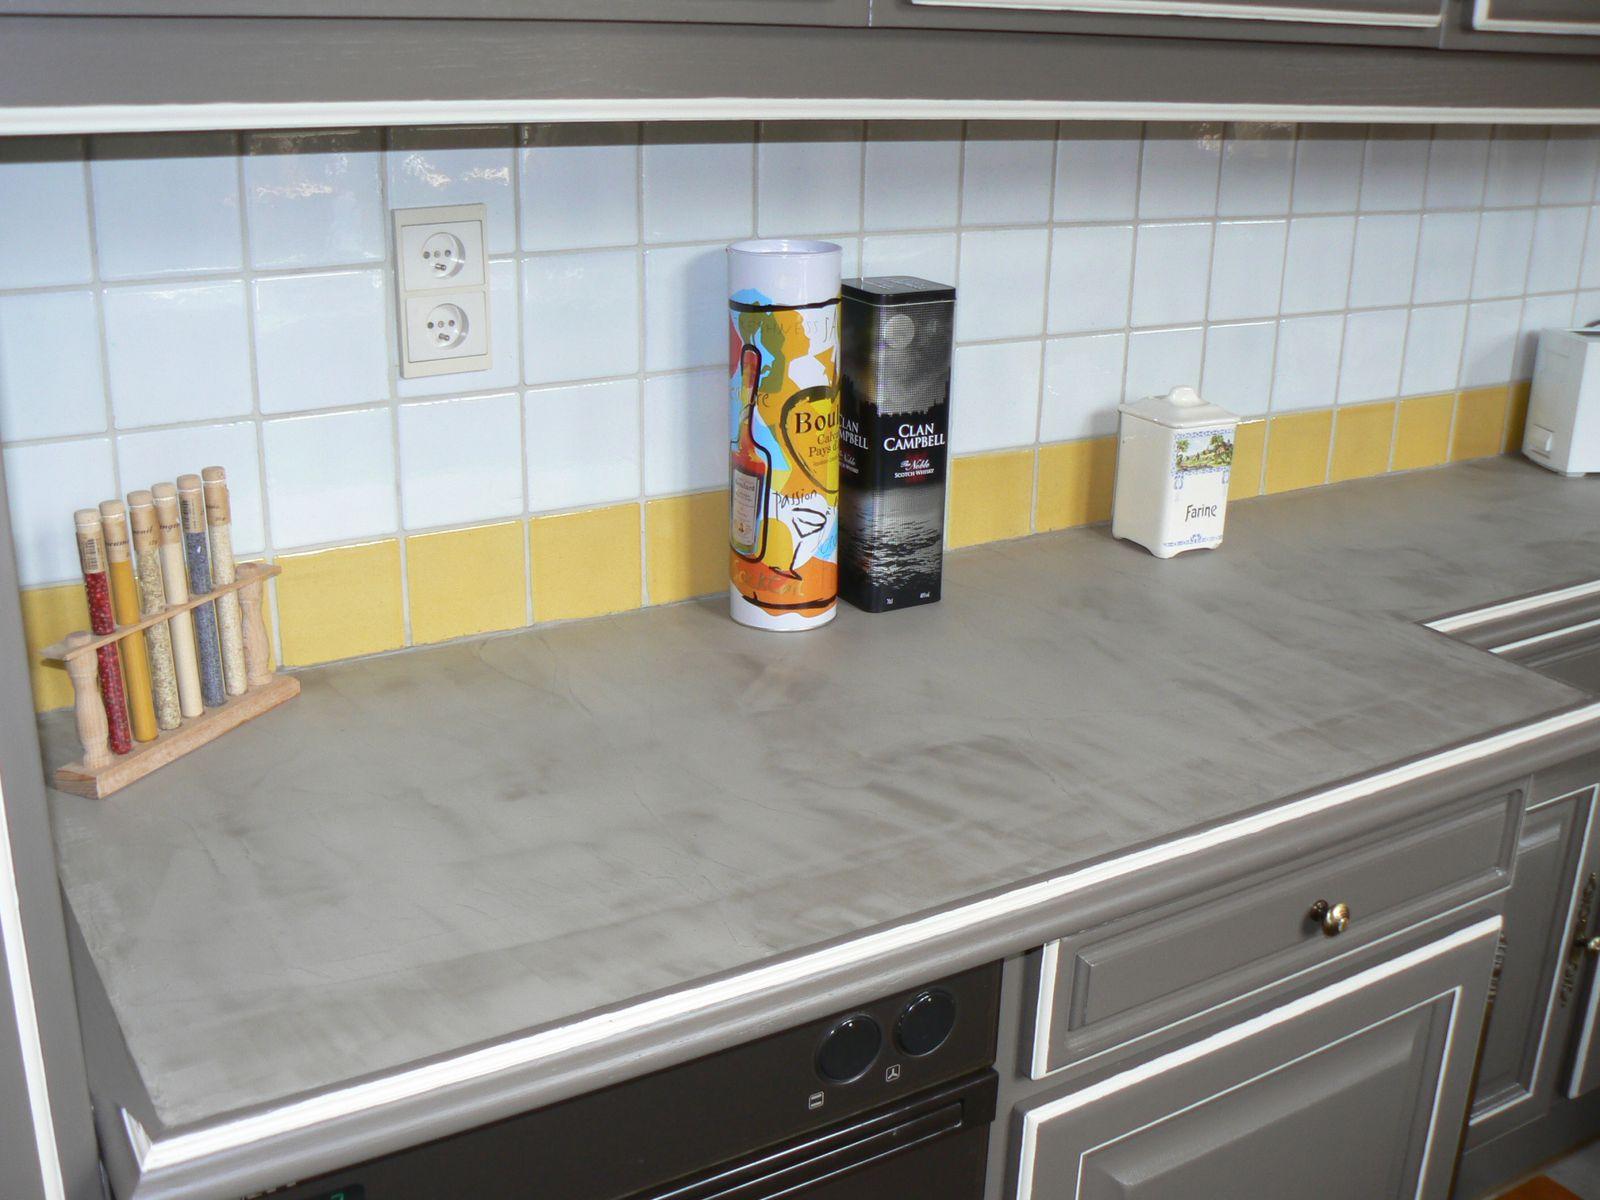 Cuisine l 39 atelier de max - Photos cuisines relookees ...